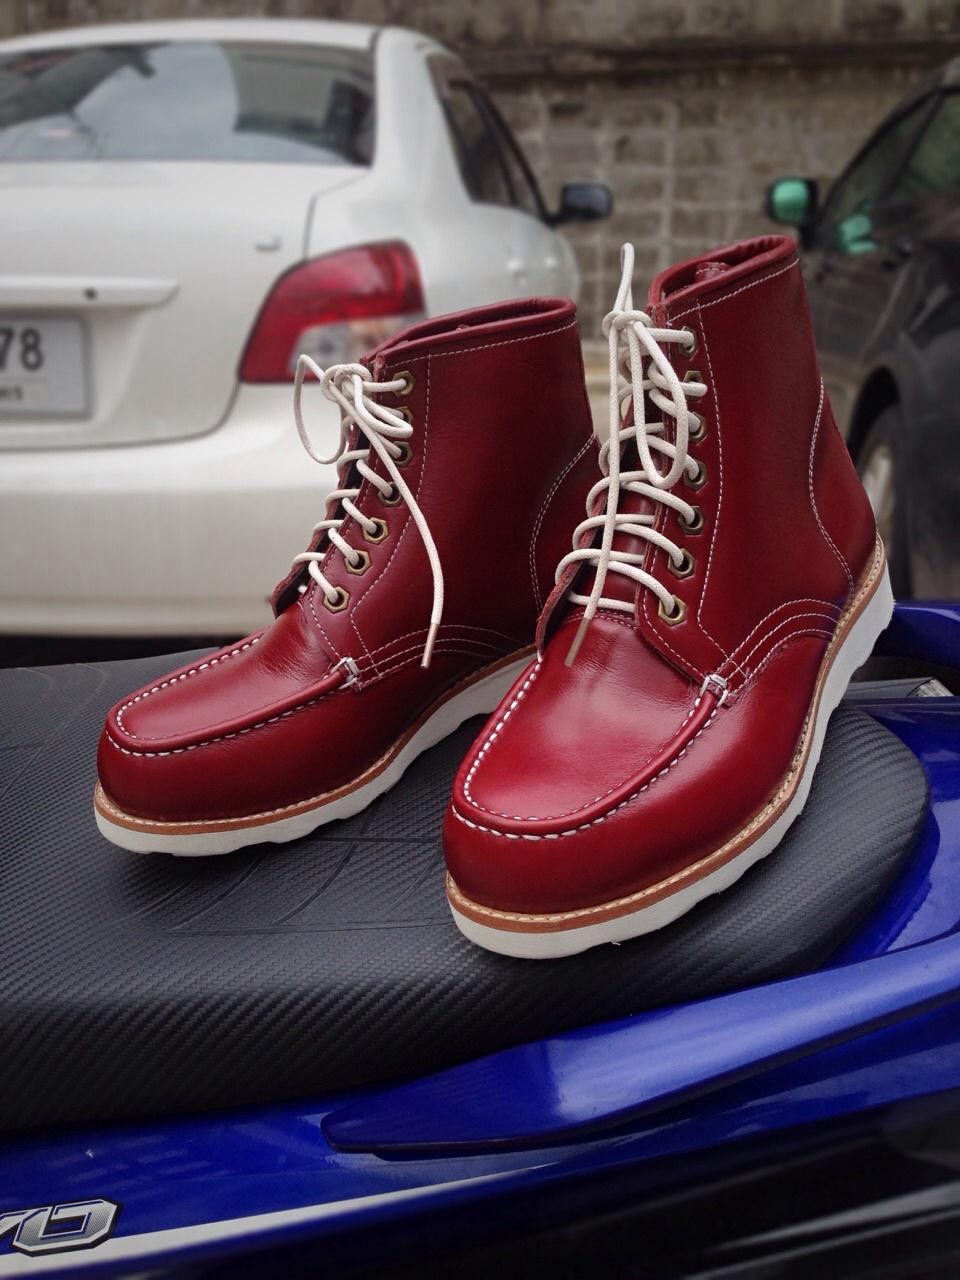 รองเท้าผู้ชาย | รองเท้าแฟชั่นชาย Red Redwing หนังฟอก CCO ทำจากหนังวัวแท้